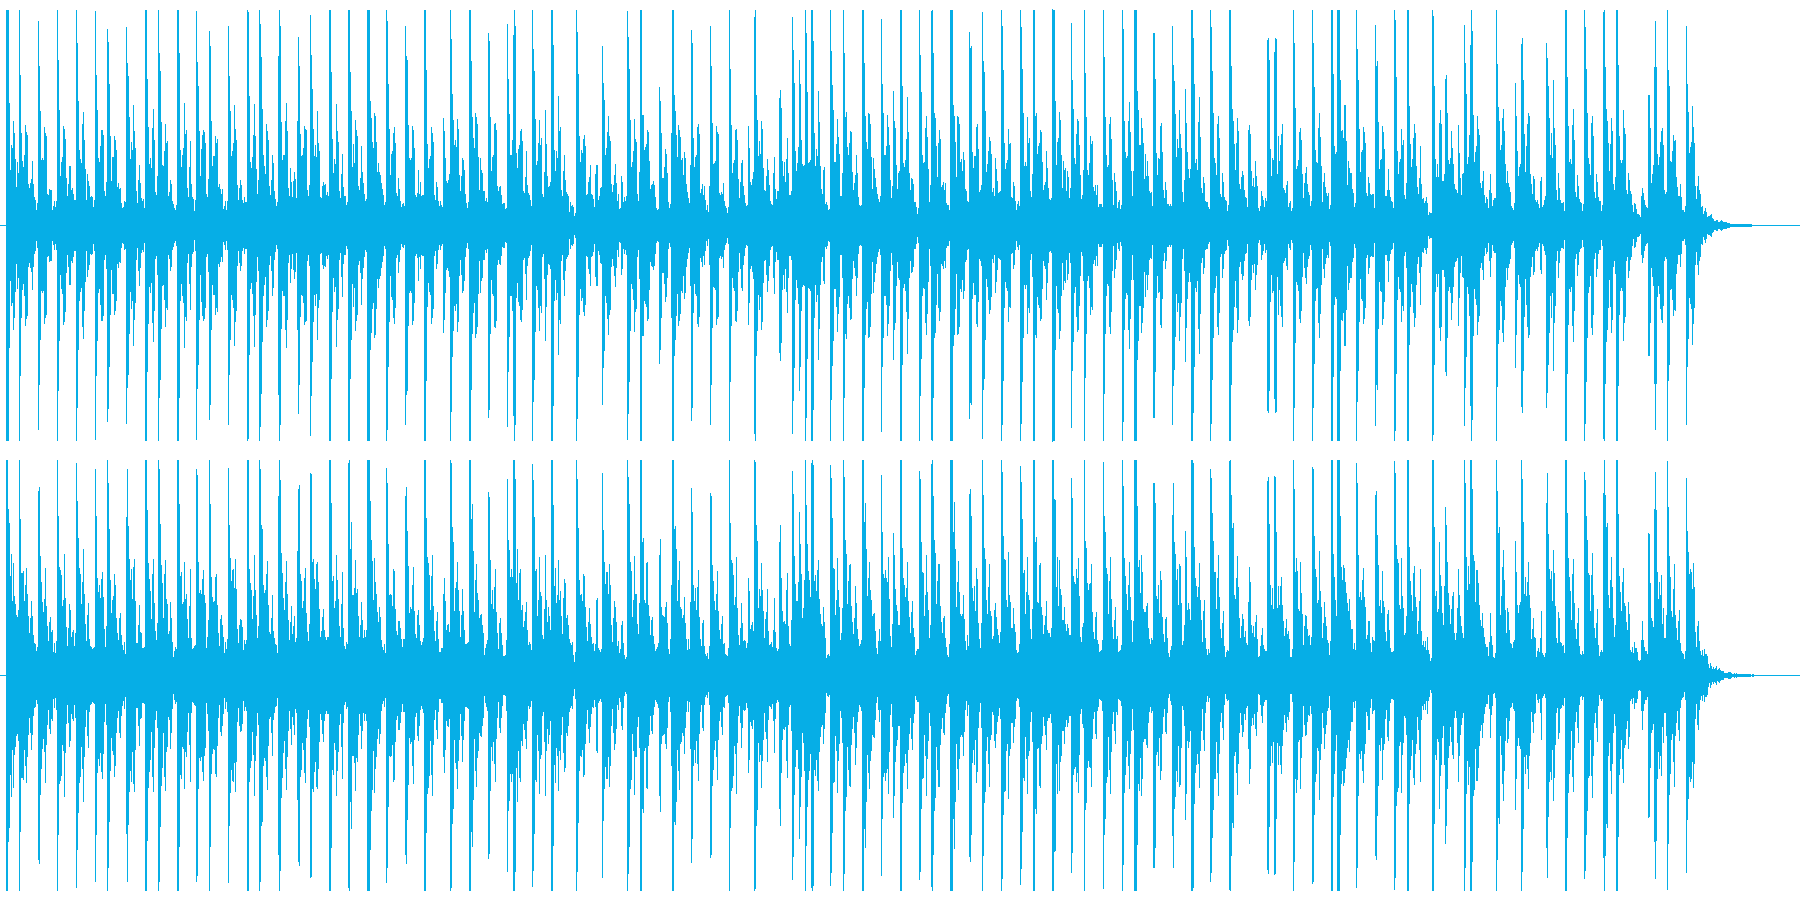 相撲の寄せ太鼓風SE その1の再生済みの波形